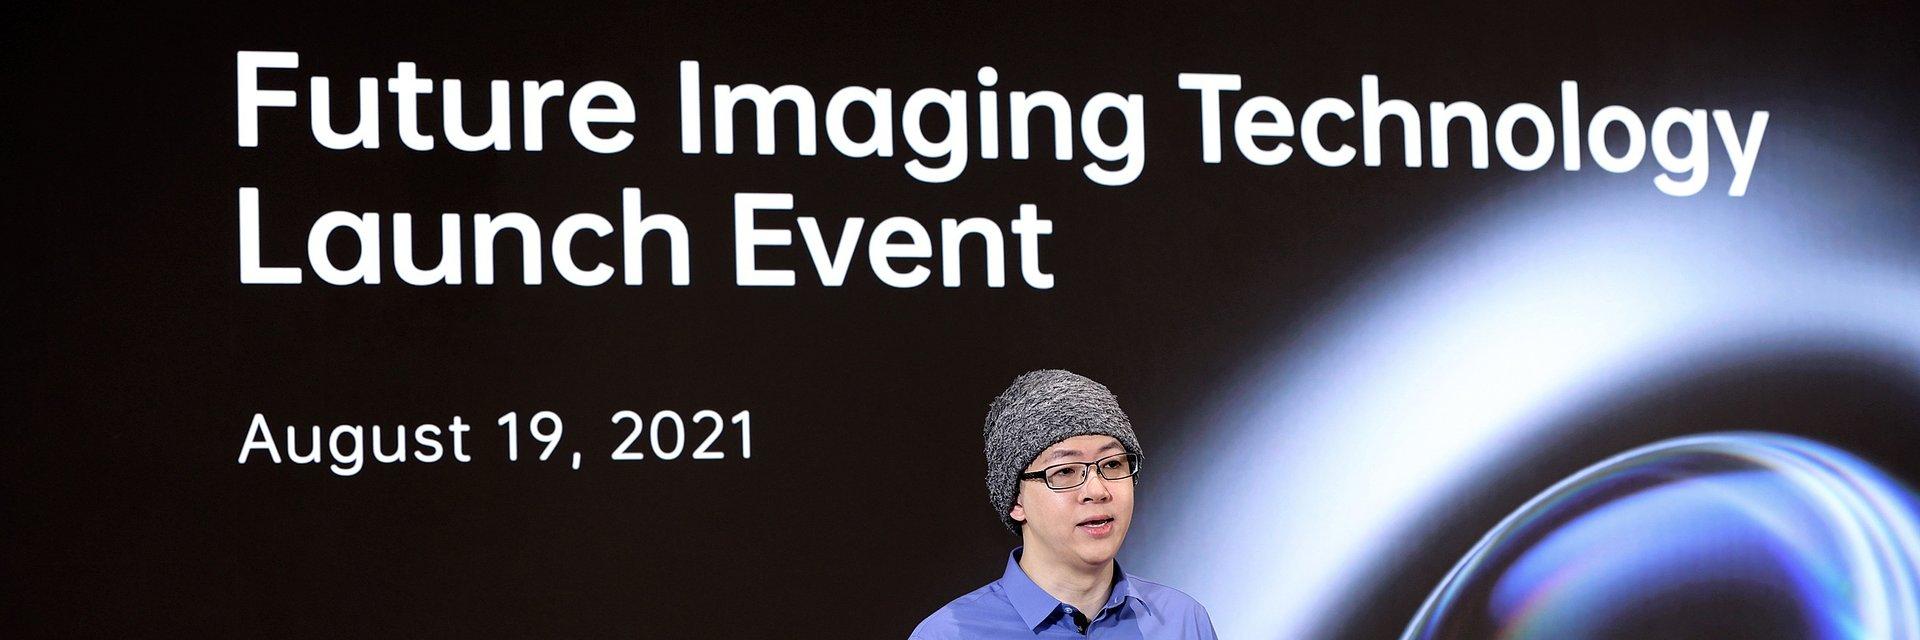 OPPO nadaje ton innowacjom w zakresie fotografii mobilnej, prezentując szereg nowatorskich rozwiązań